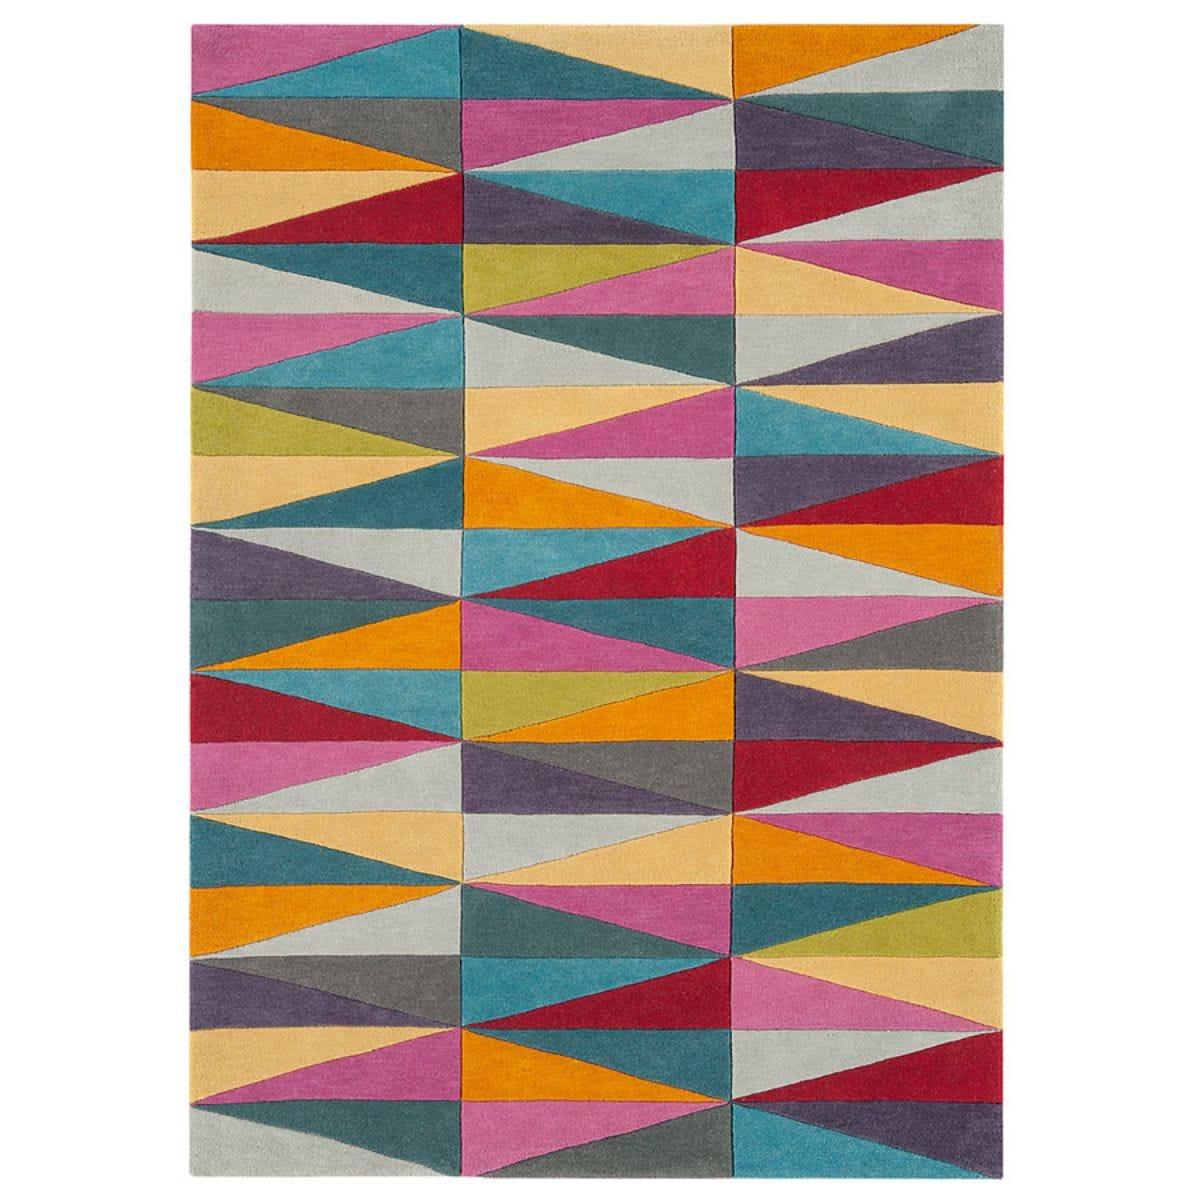 Asiatic Funk Rug, 200 x 300cm - Triangles